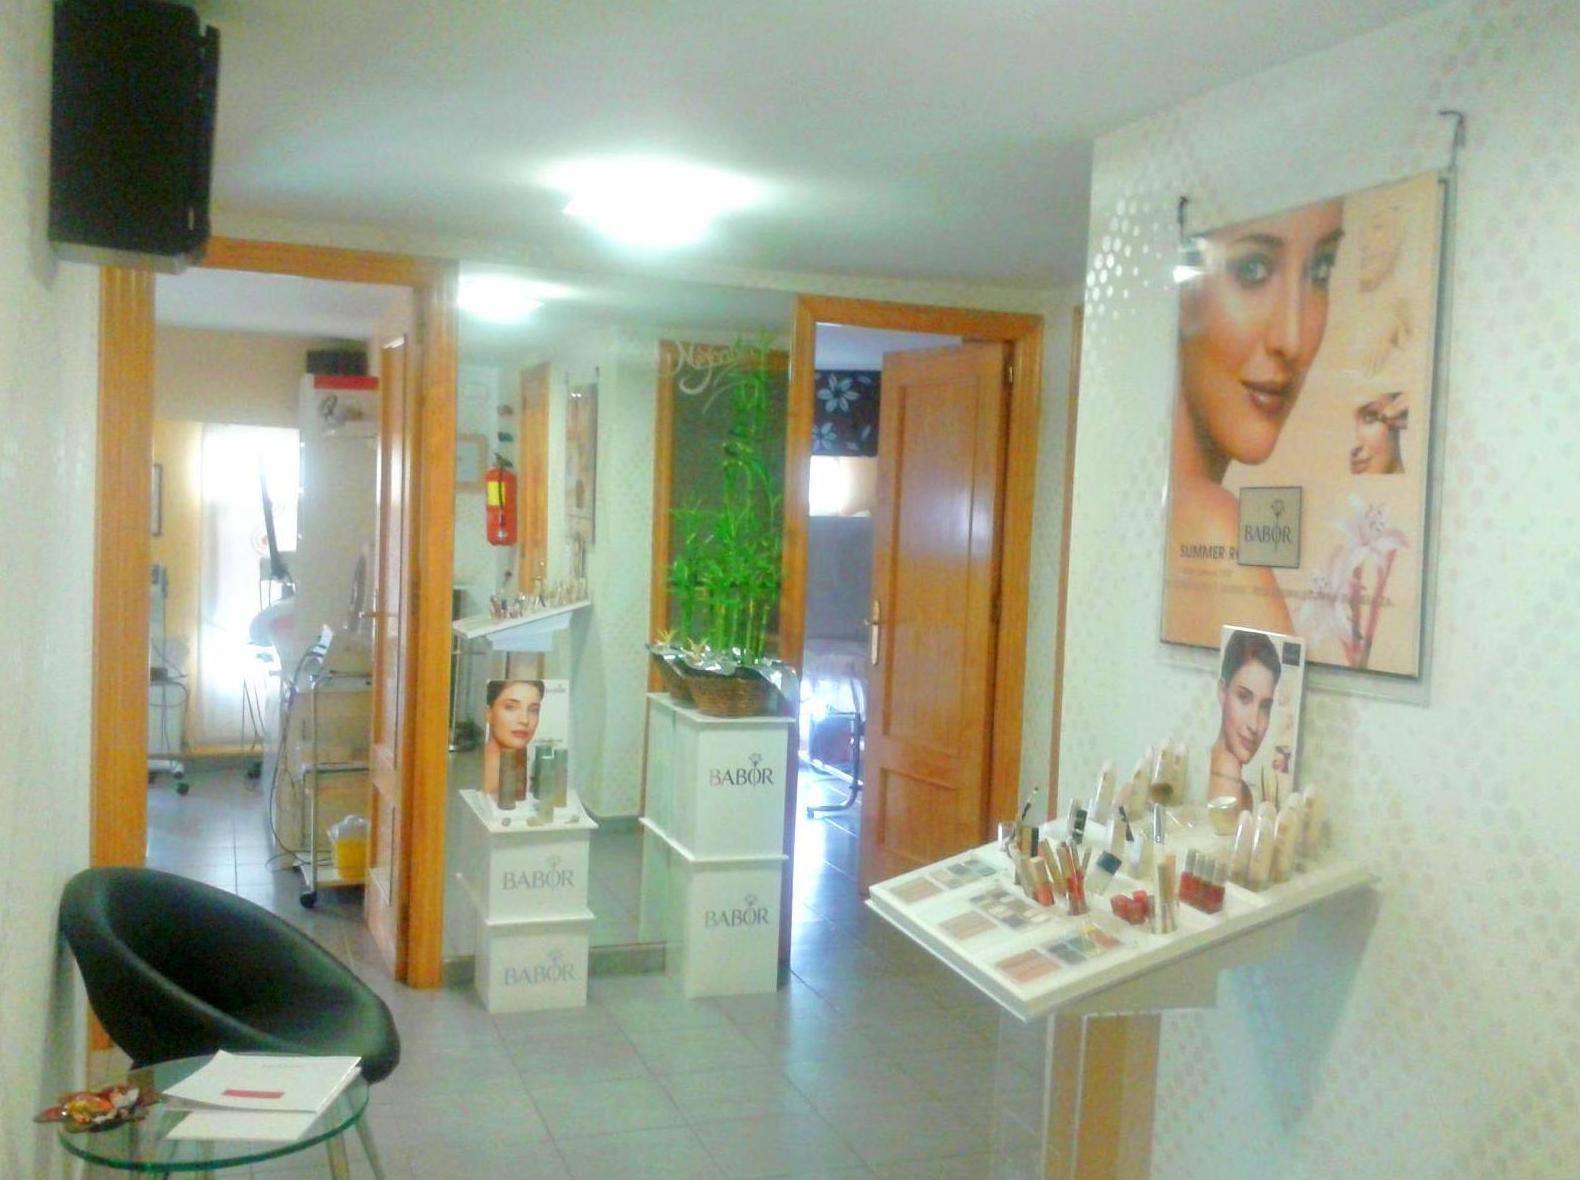 Centro de depilación láser en Zamora | Meycabell